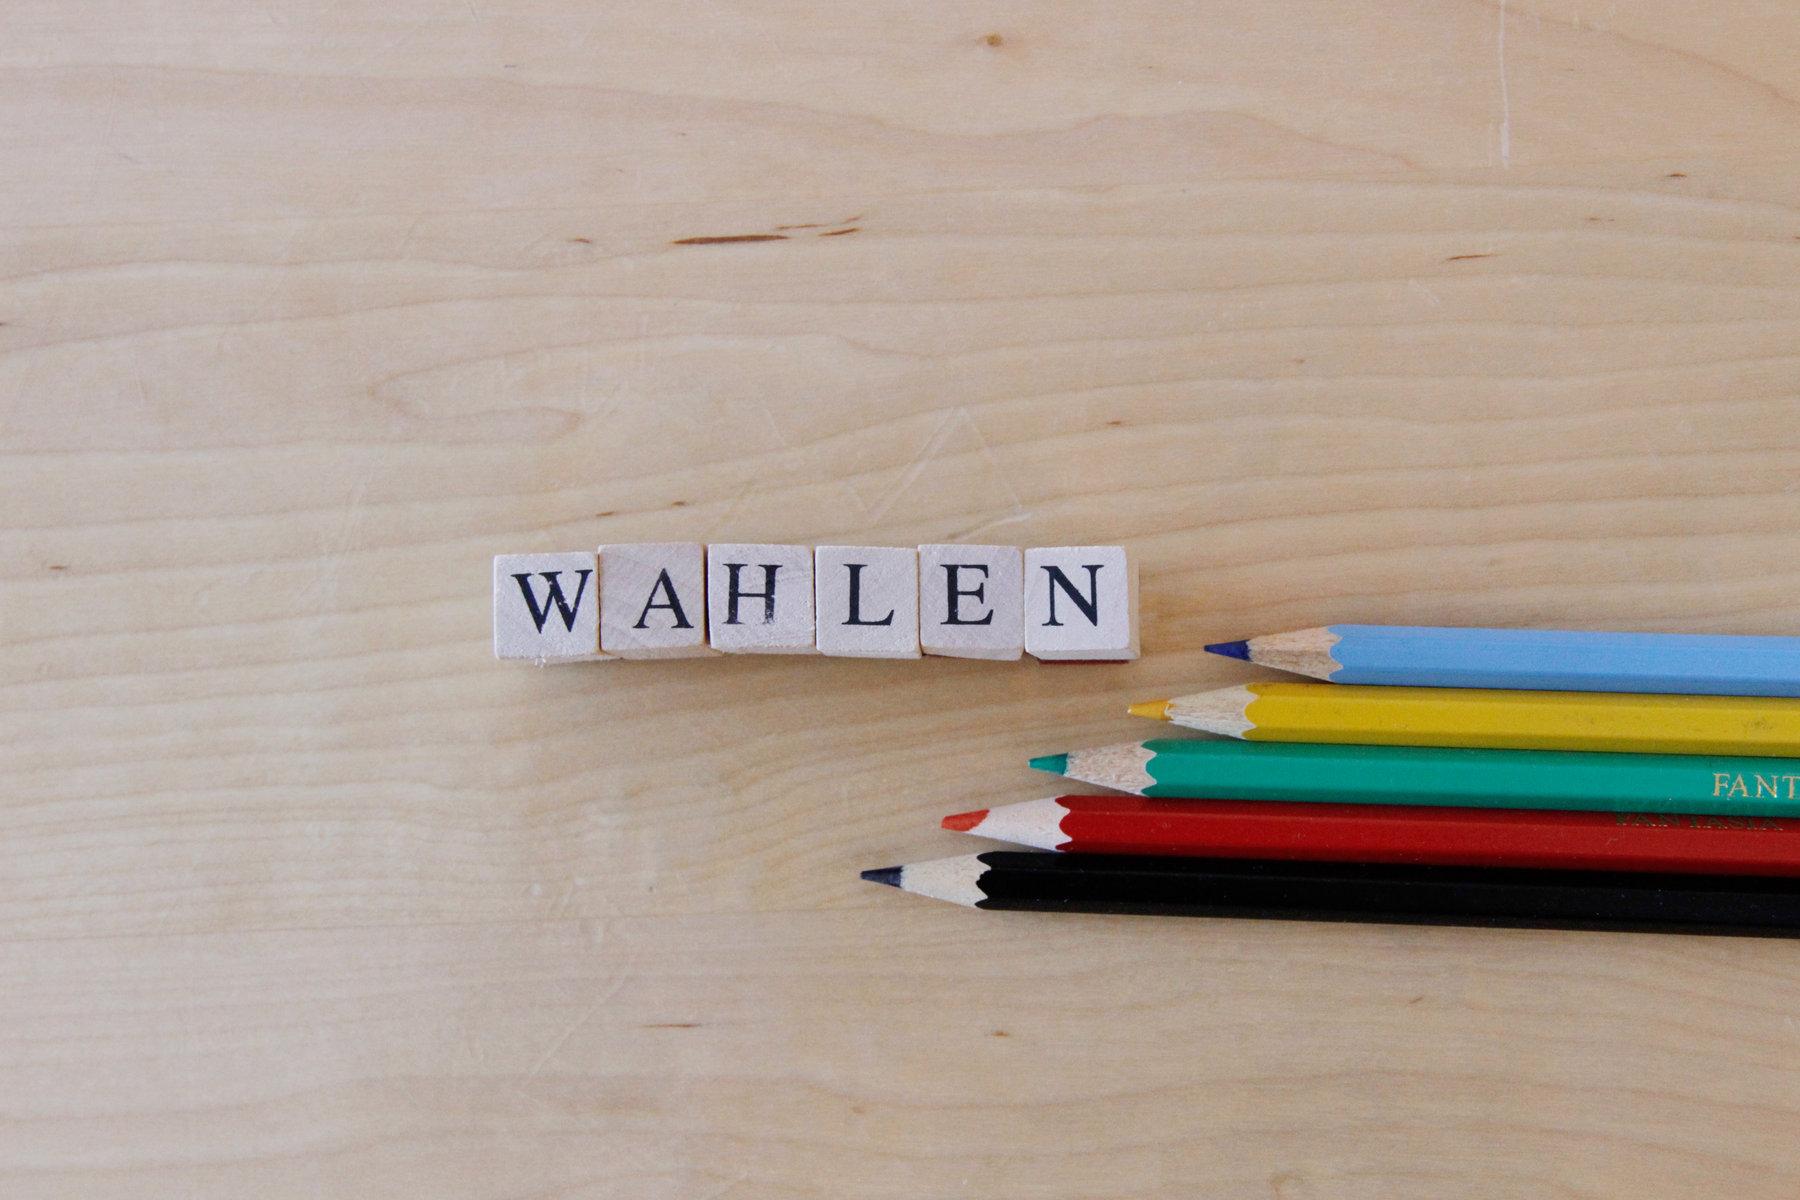 wahlen-symbol